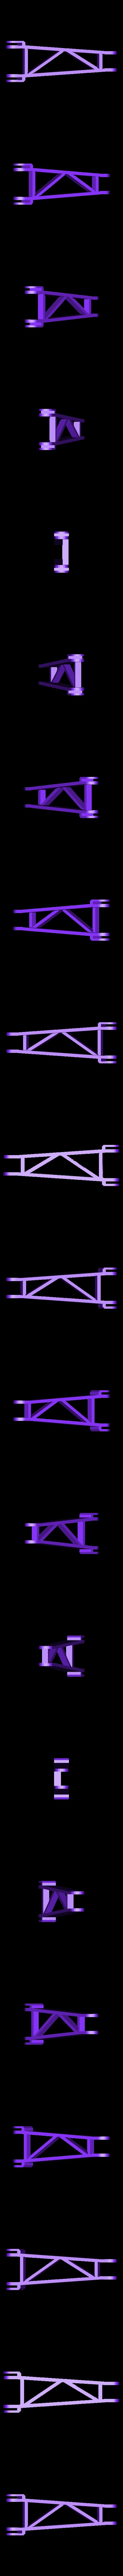 Stab_Bras1.stl Download STL file Shoulder pad for DSLR type GH4, 5D • 3D print design, Smile